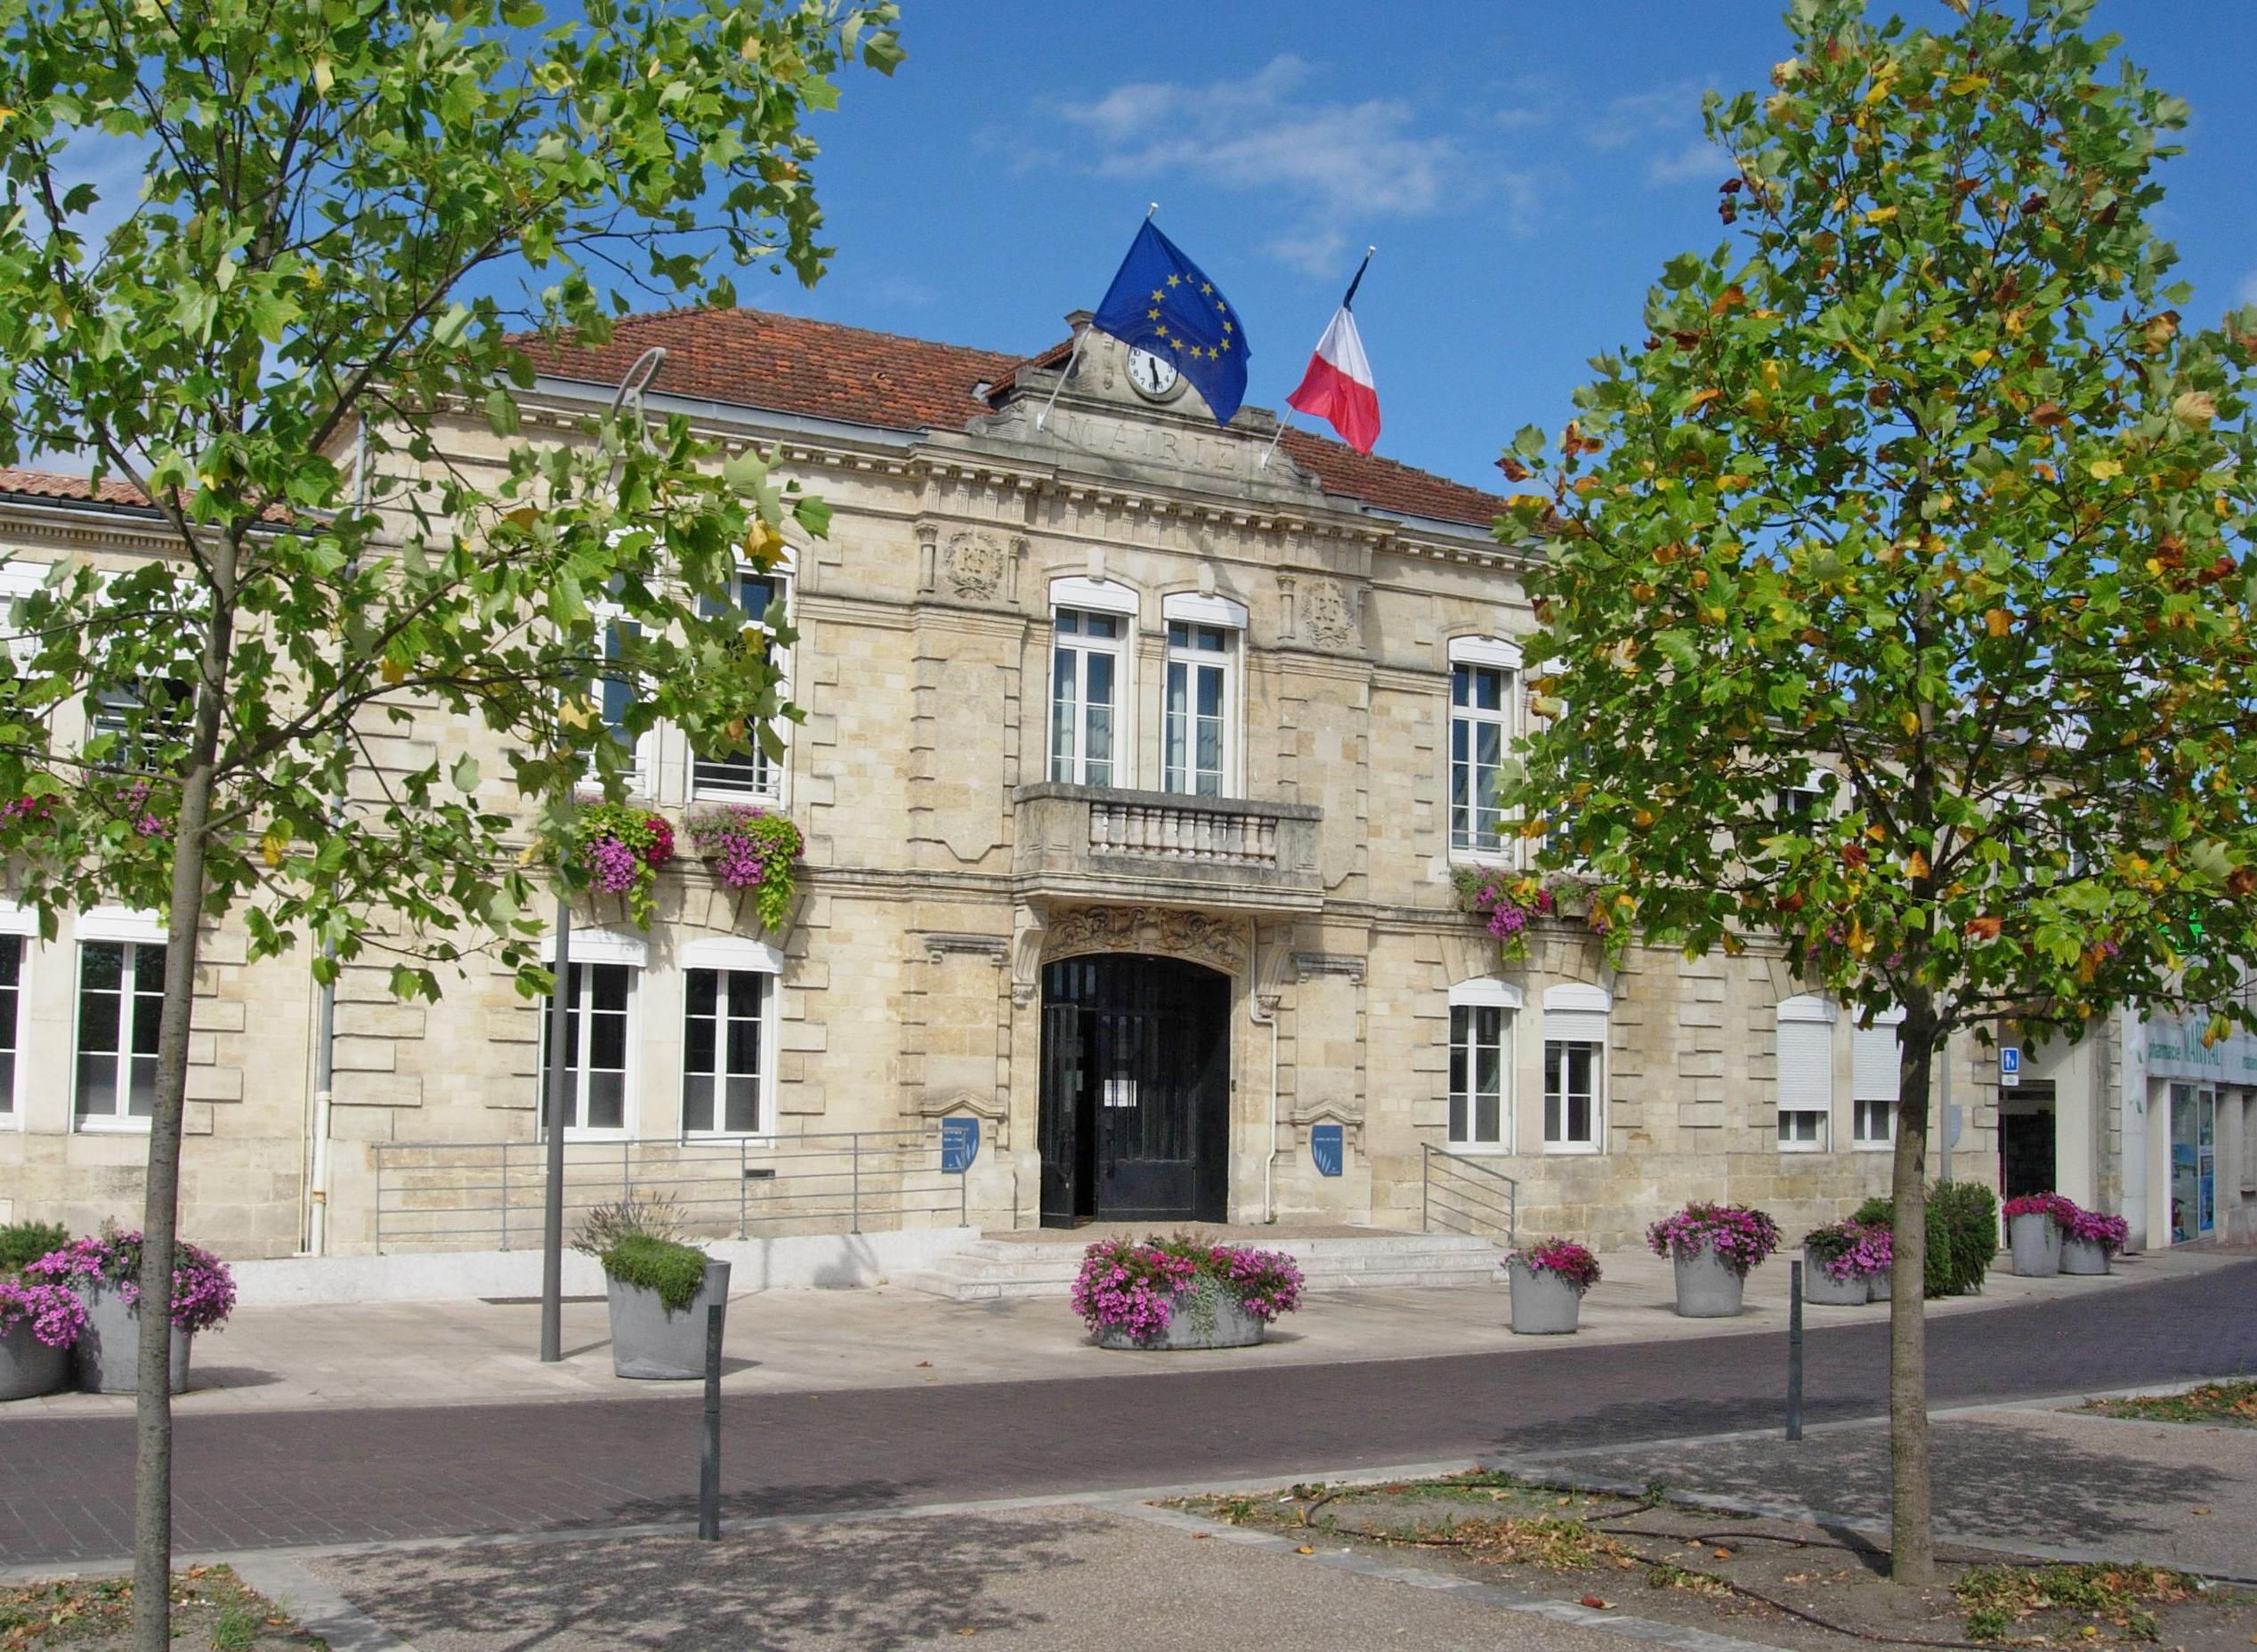 Le bouscat gironde france information geographique for Piscine du bouscat